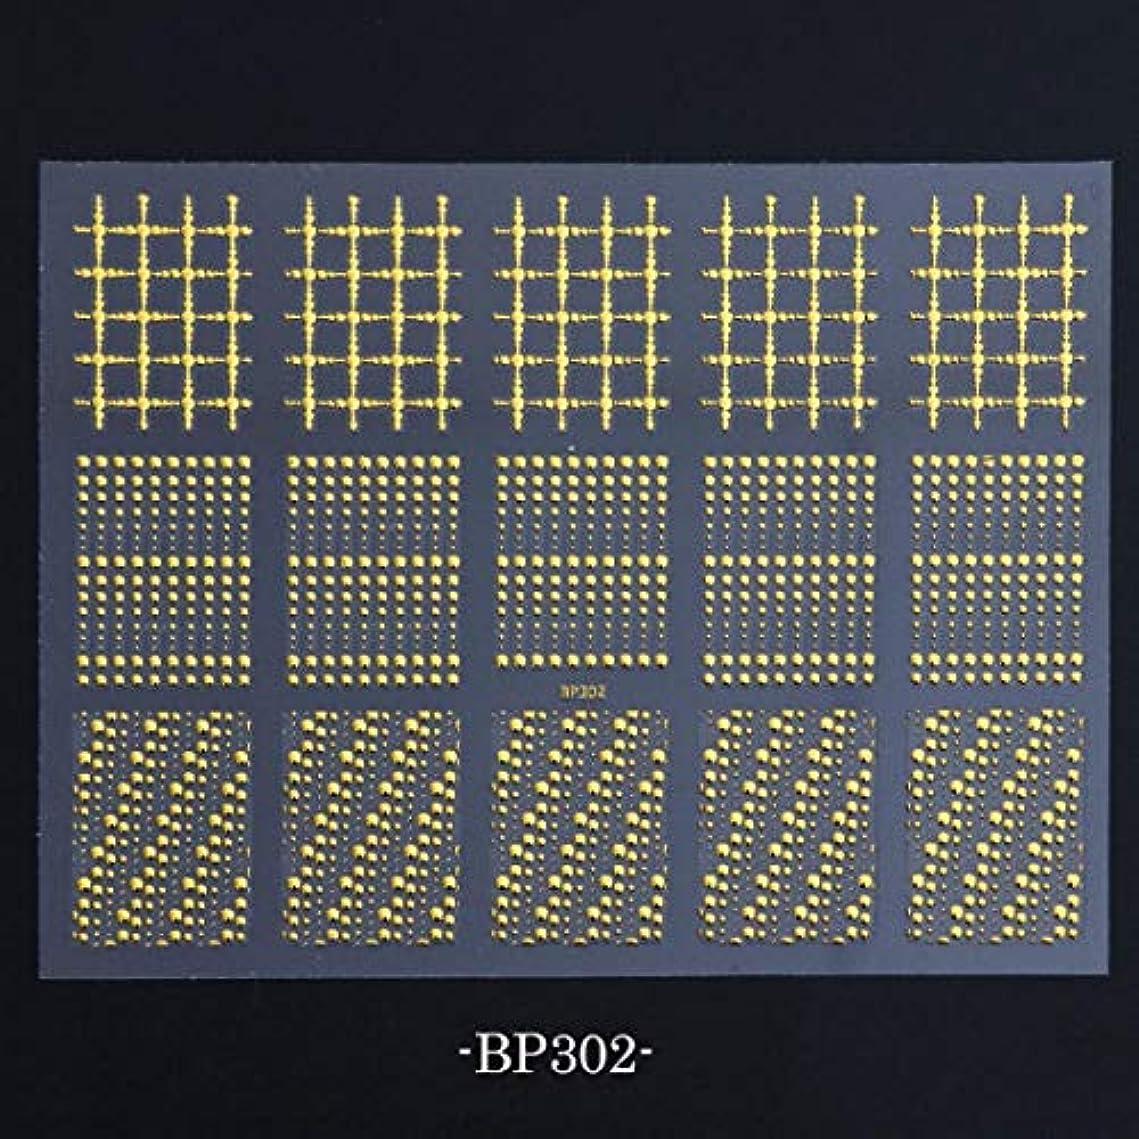 予測する担当者曲がったSUKTI&XIAO ネイルステッカー ネイルのための1Pcs 3Dのステッカーの金の月の星の幾何学的な縞ラインスライダーの付着力のステッカーの釘の芸術の装飾、Bp302